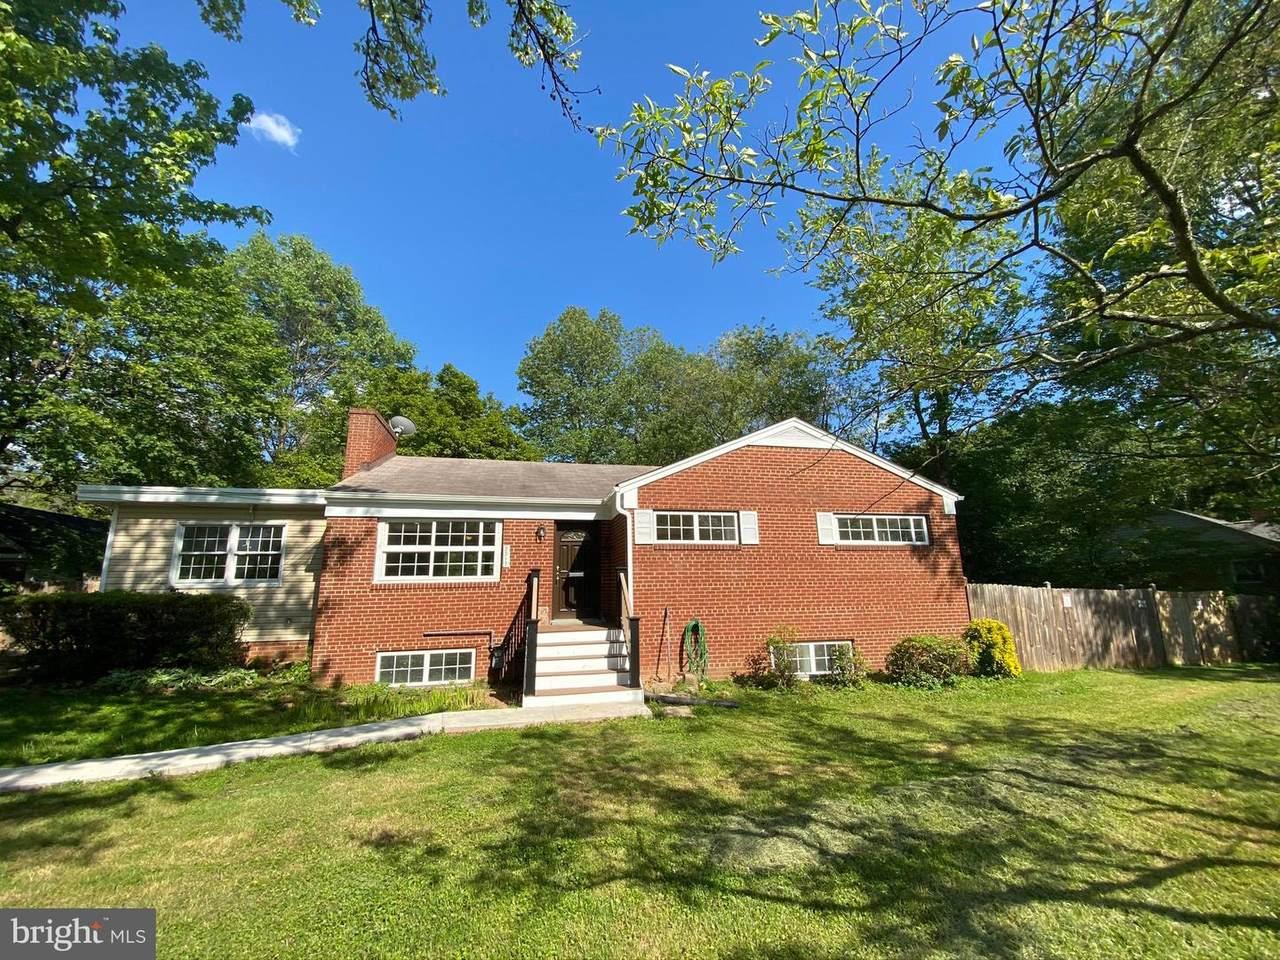 3317 Wraywood Place - Photo 1